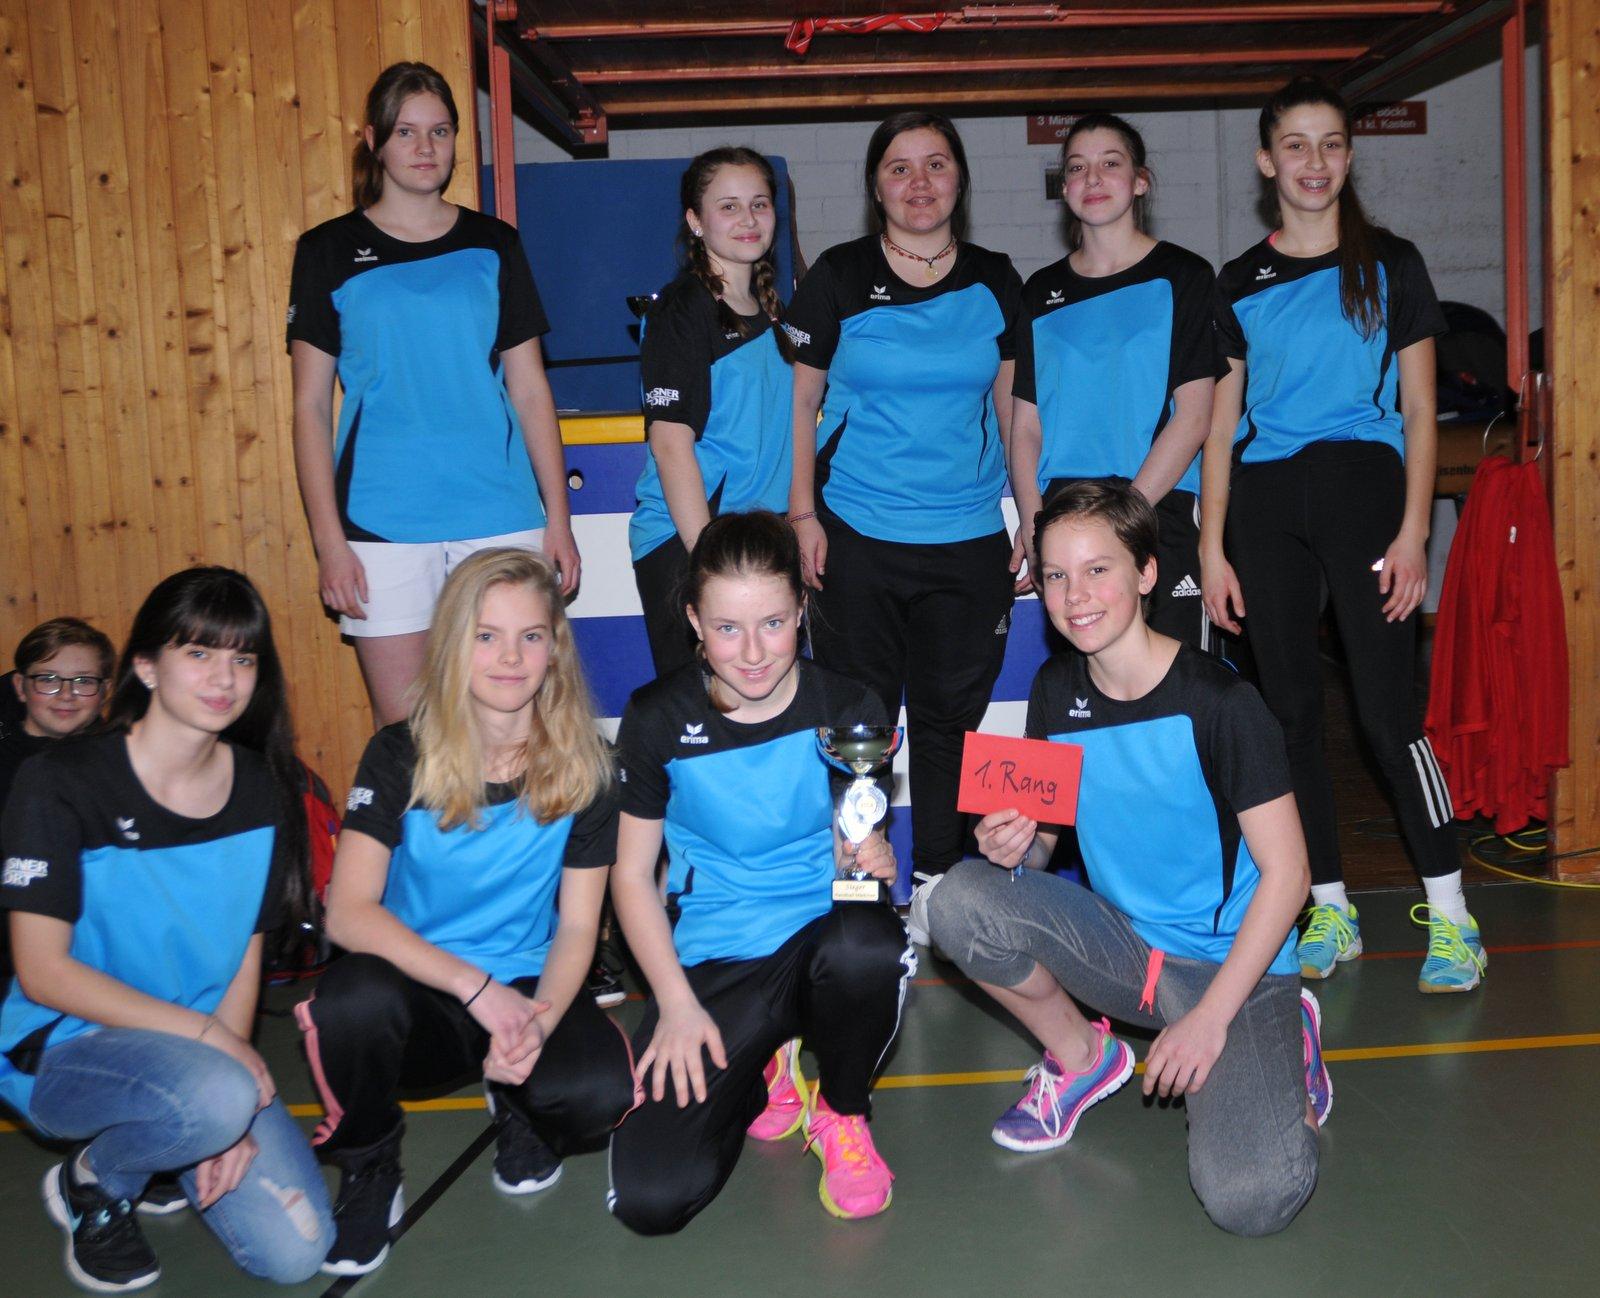 Feb. 18: Siegerinnen im Handball-Turnier aus Näfels